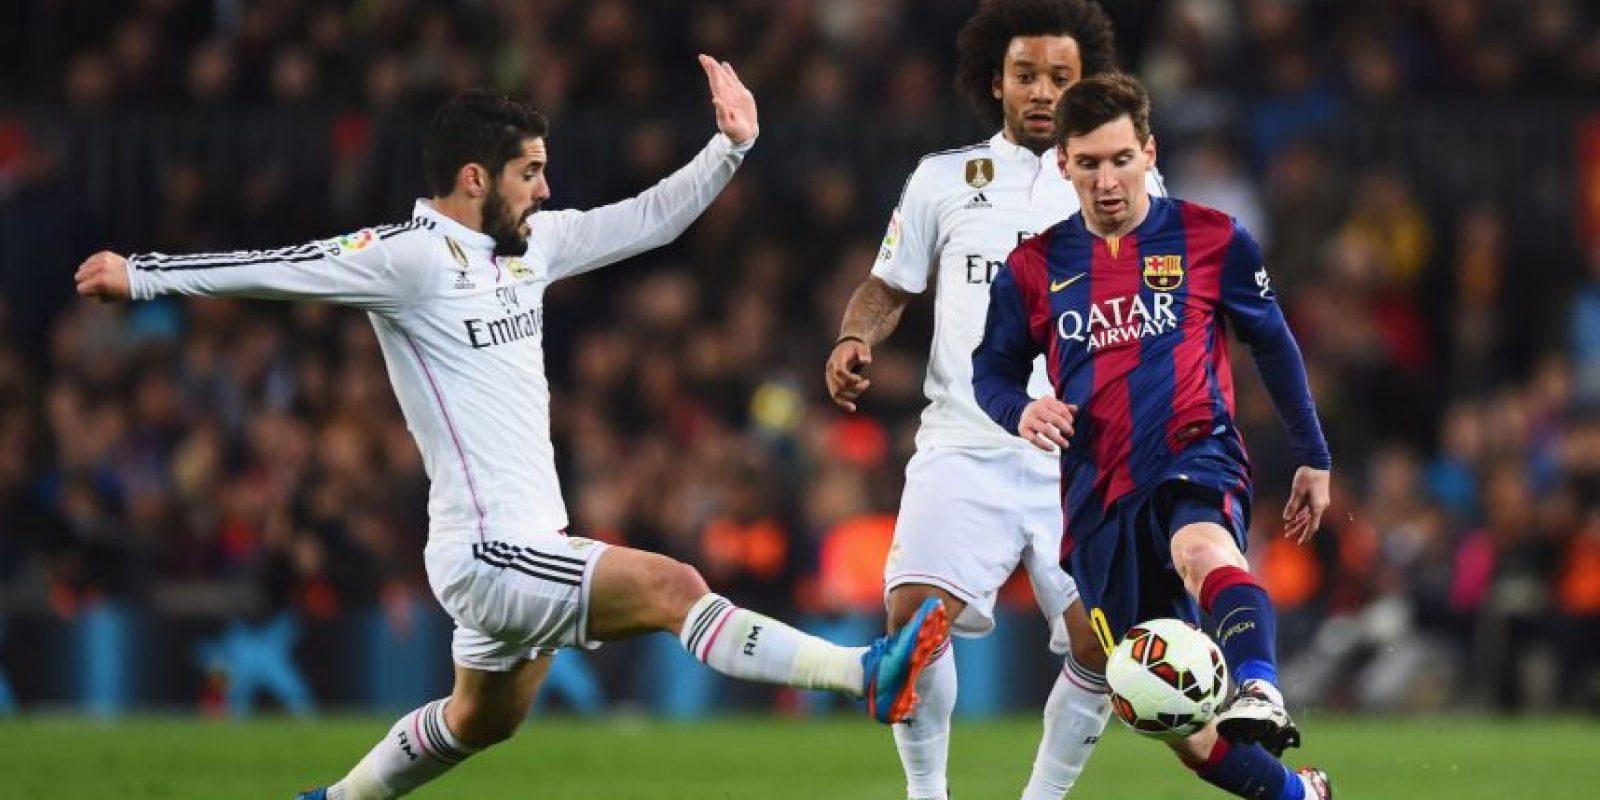 Los culés de Messi son líderes de España Foto:Getty Images